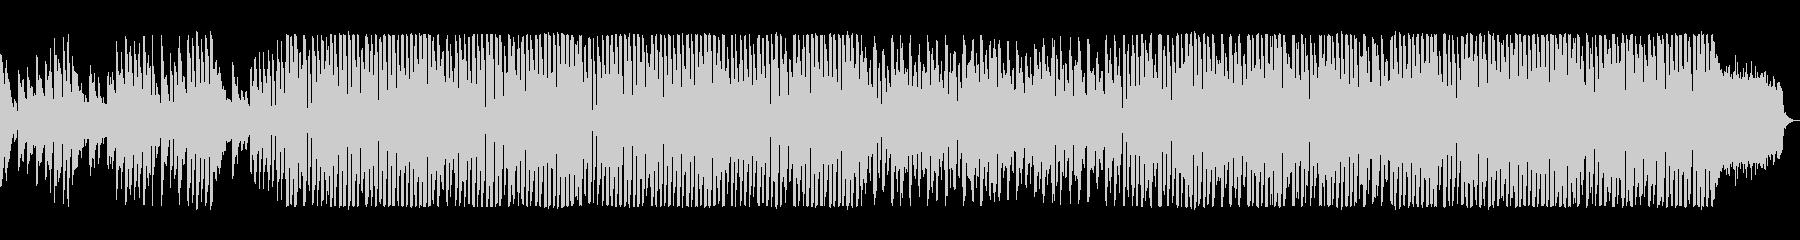 明るい楽しいエレクトロポップの未再生の波形